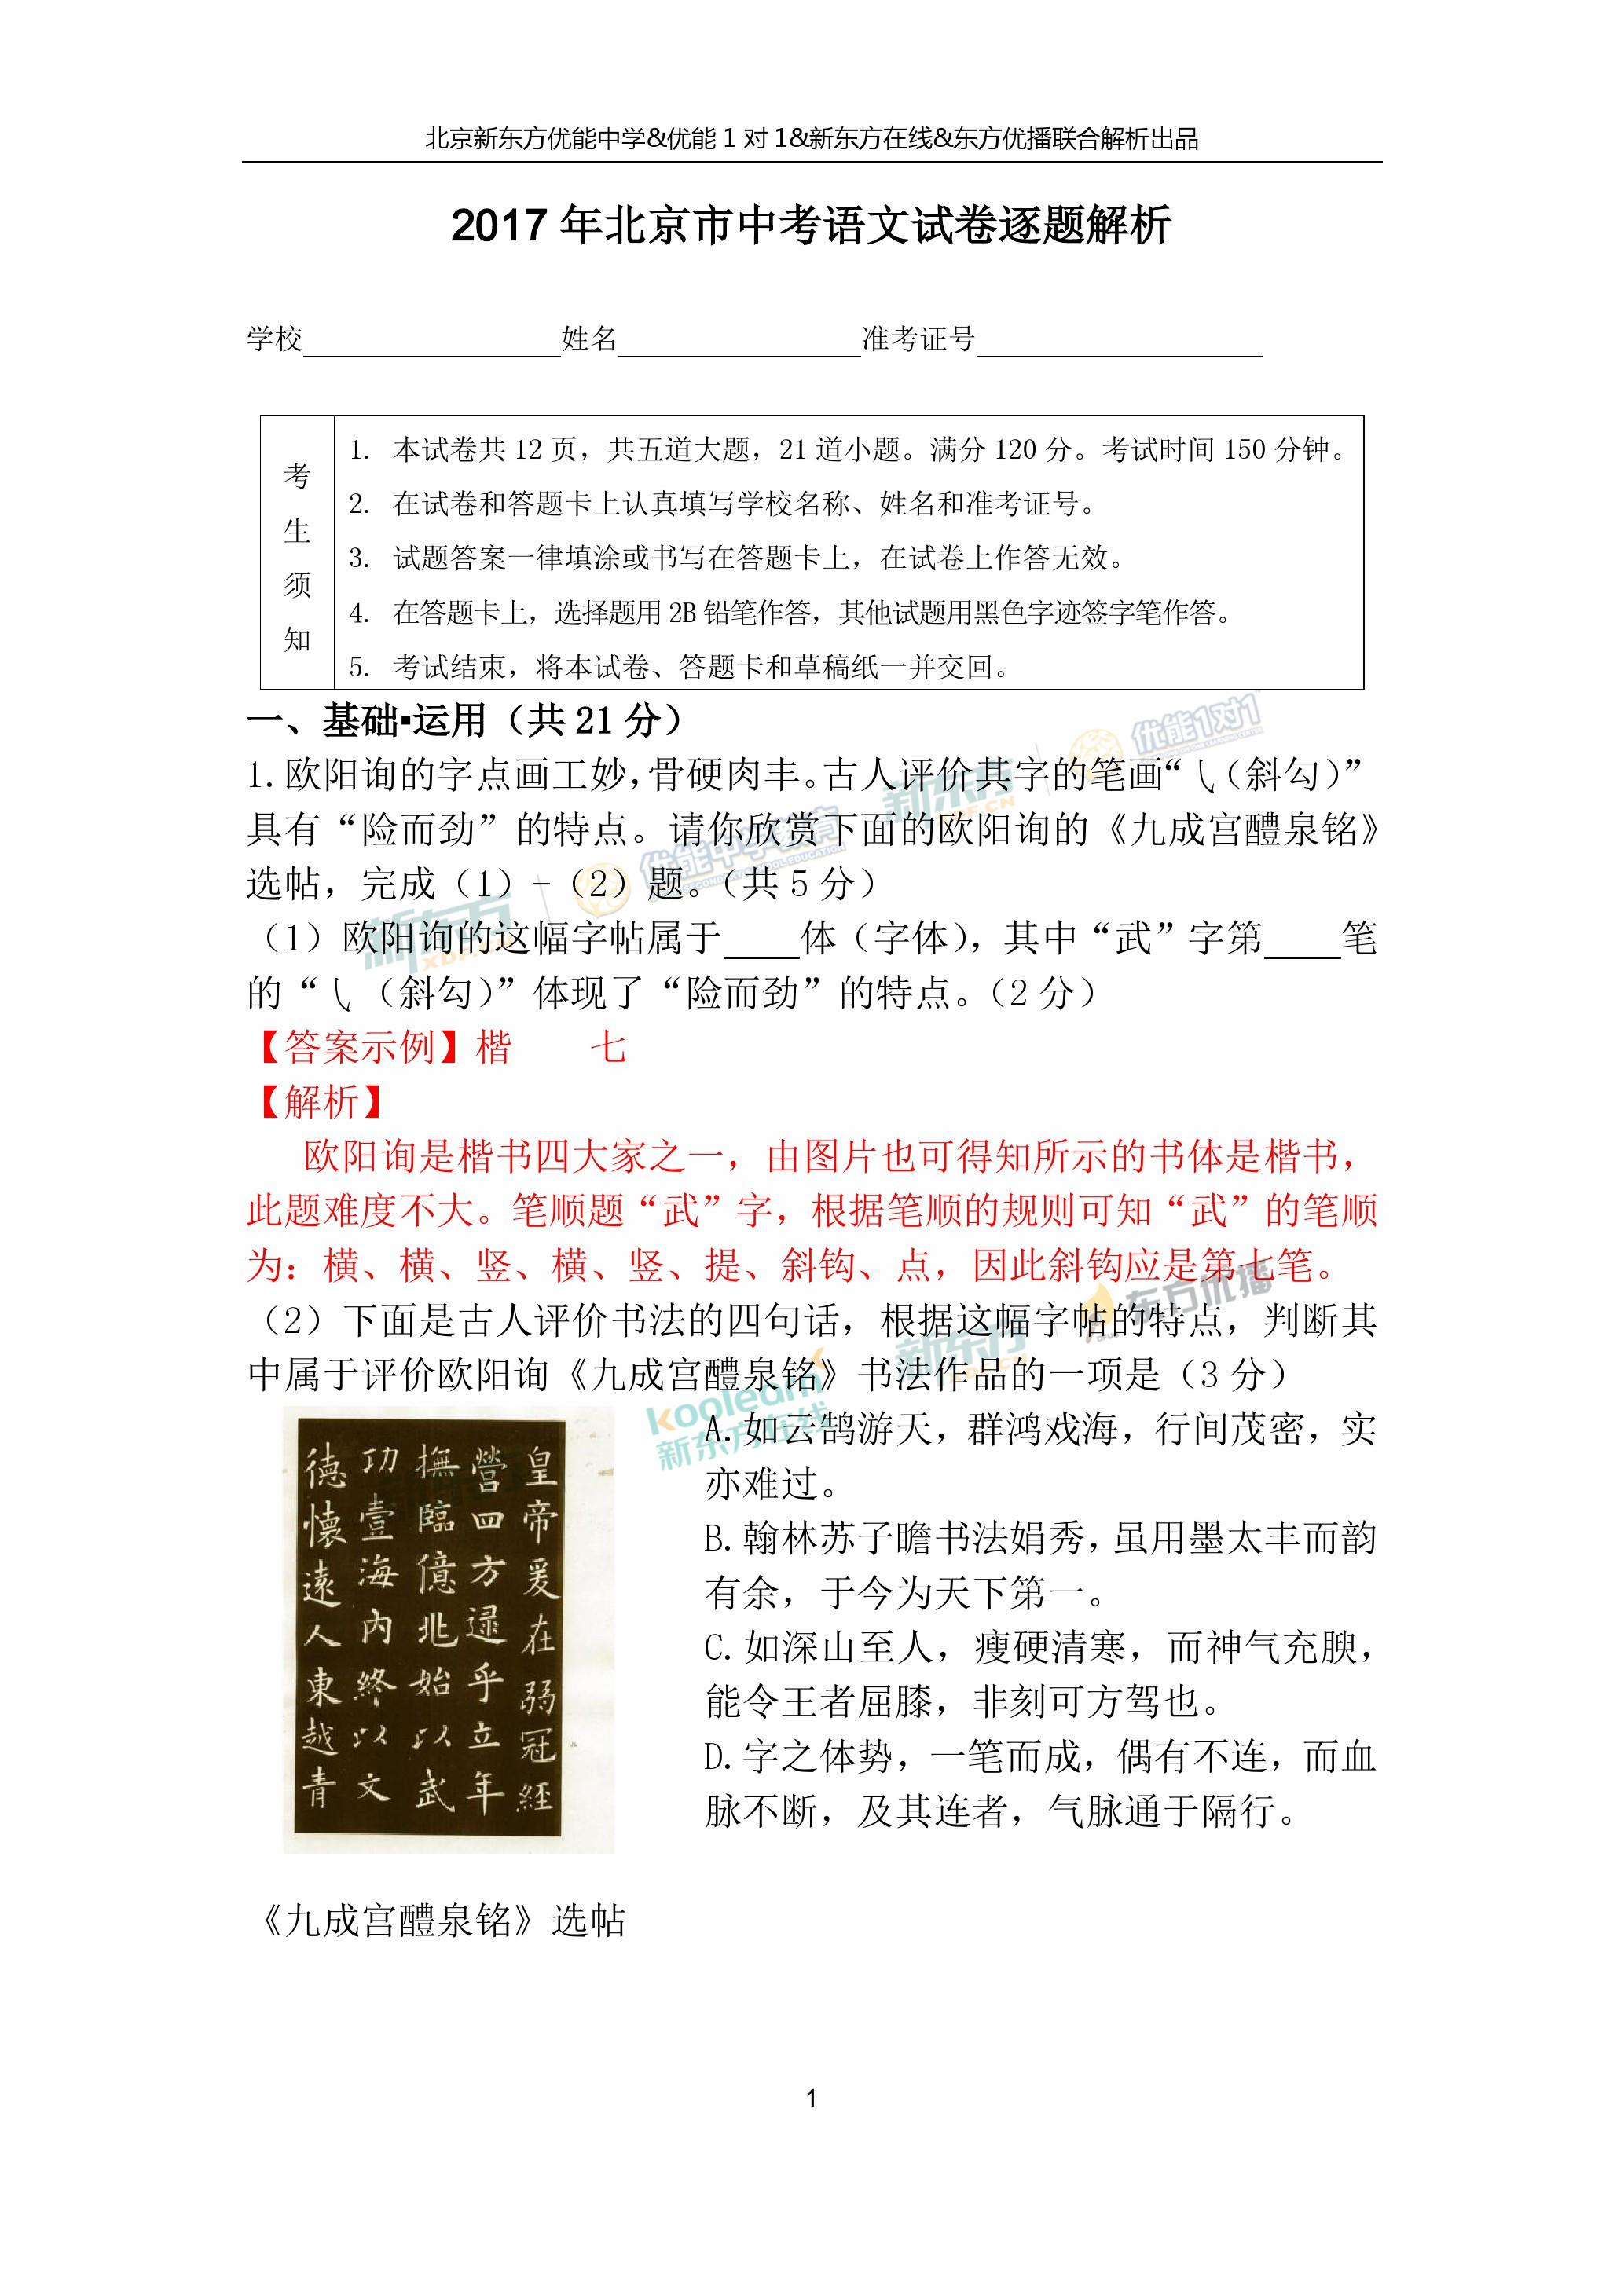 新东方优能名师逐题解析北京2017中考语文试题答案